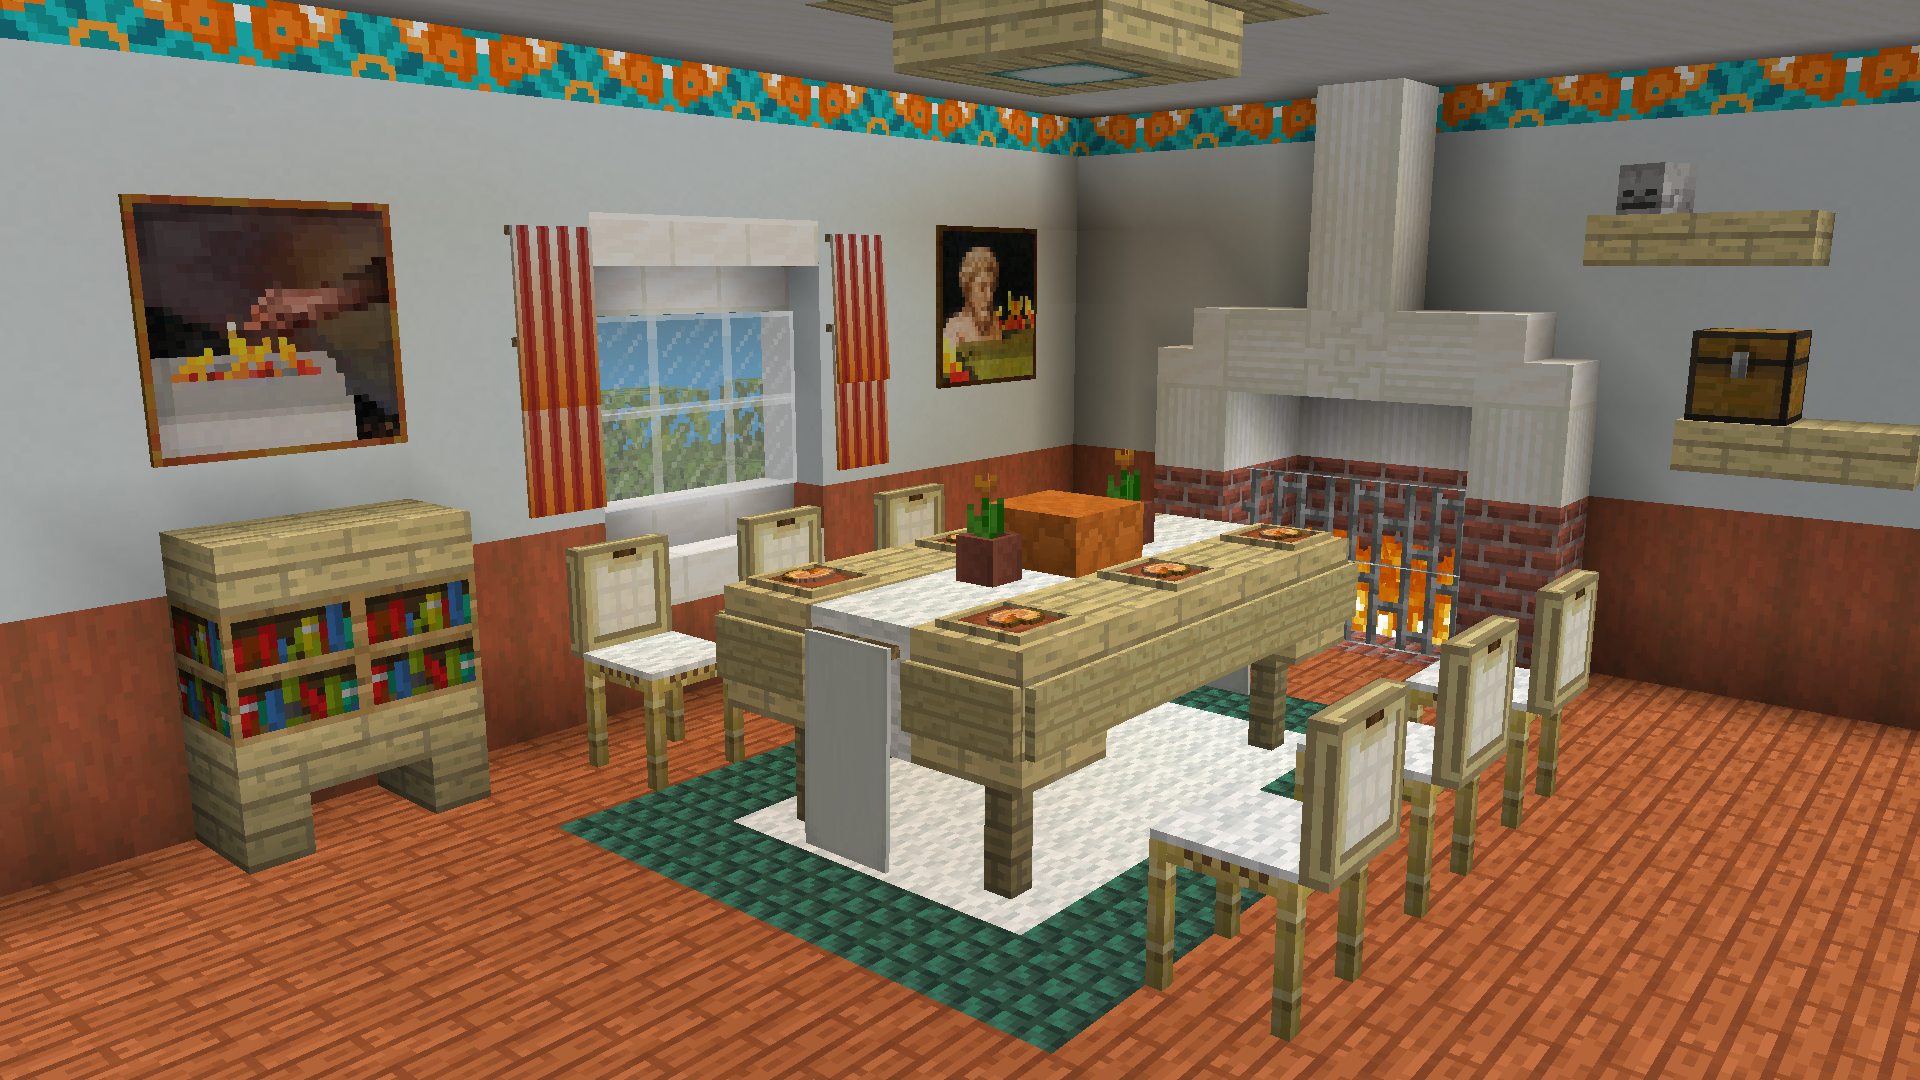 Minecraft Dining Room